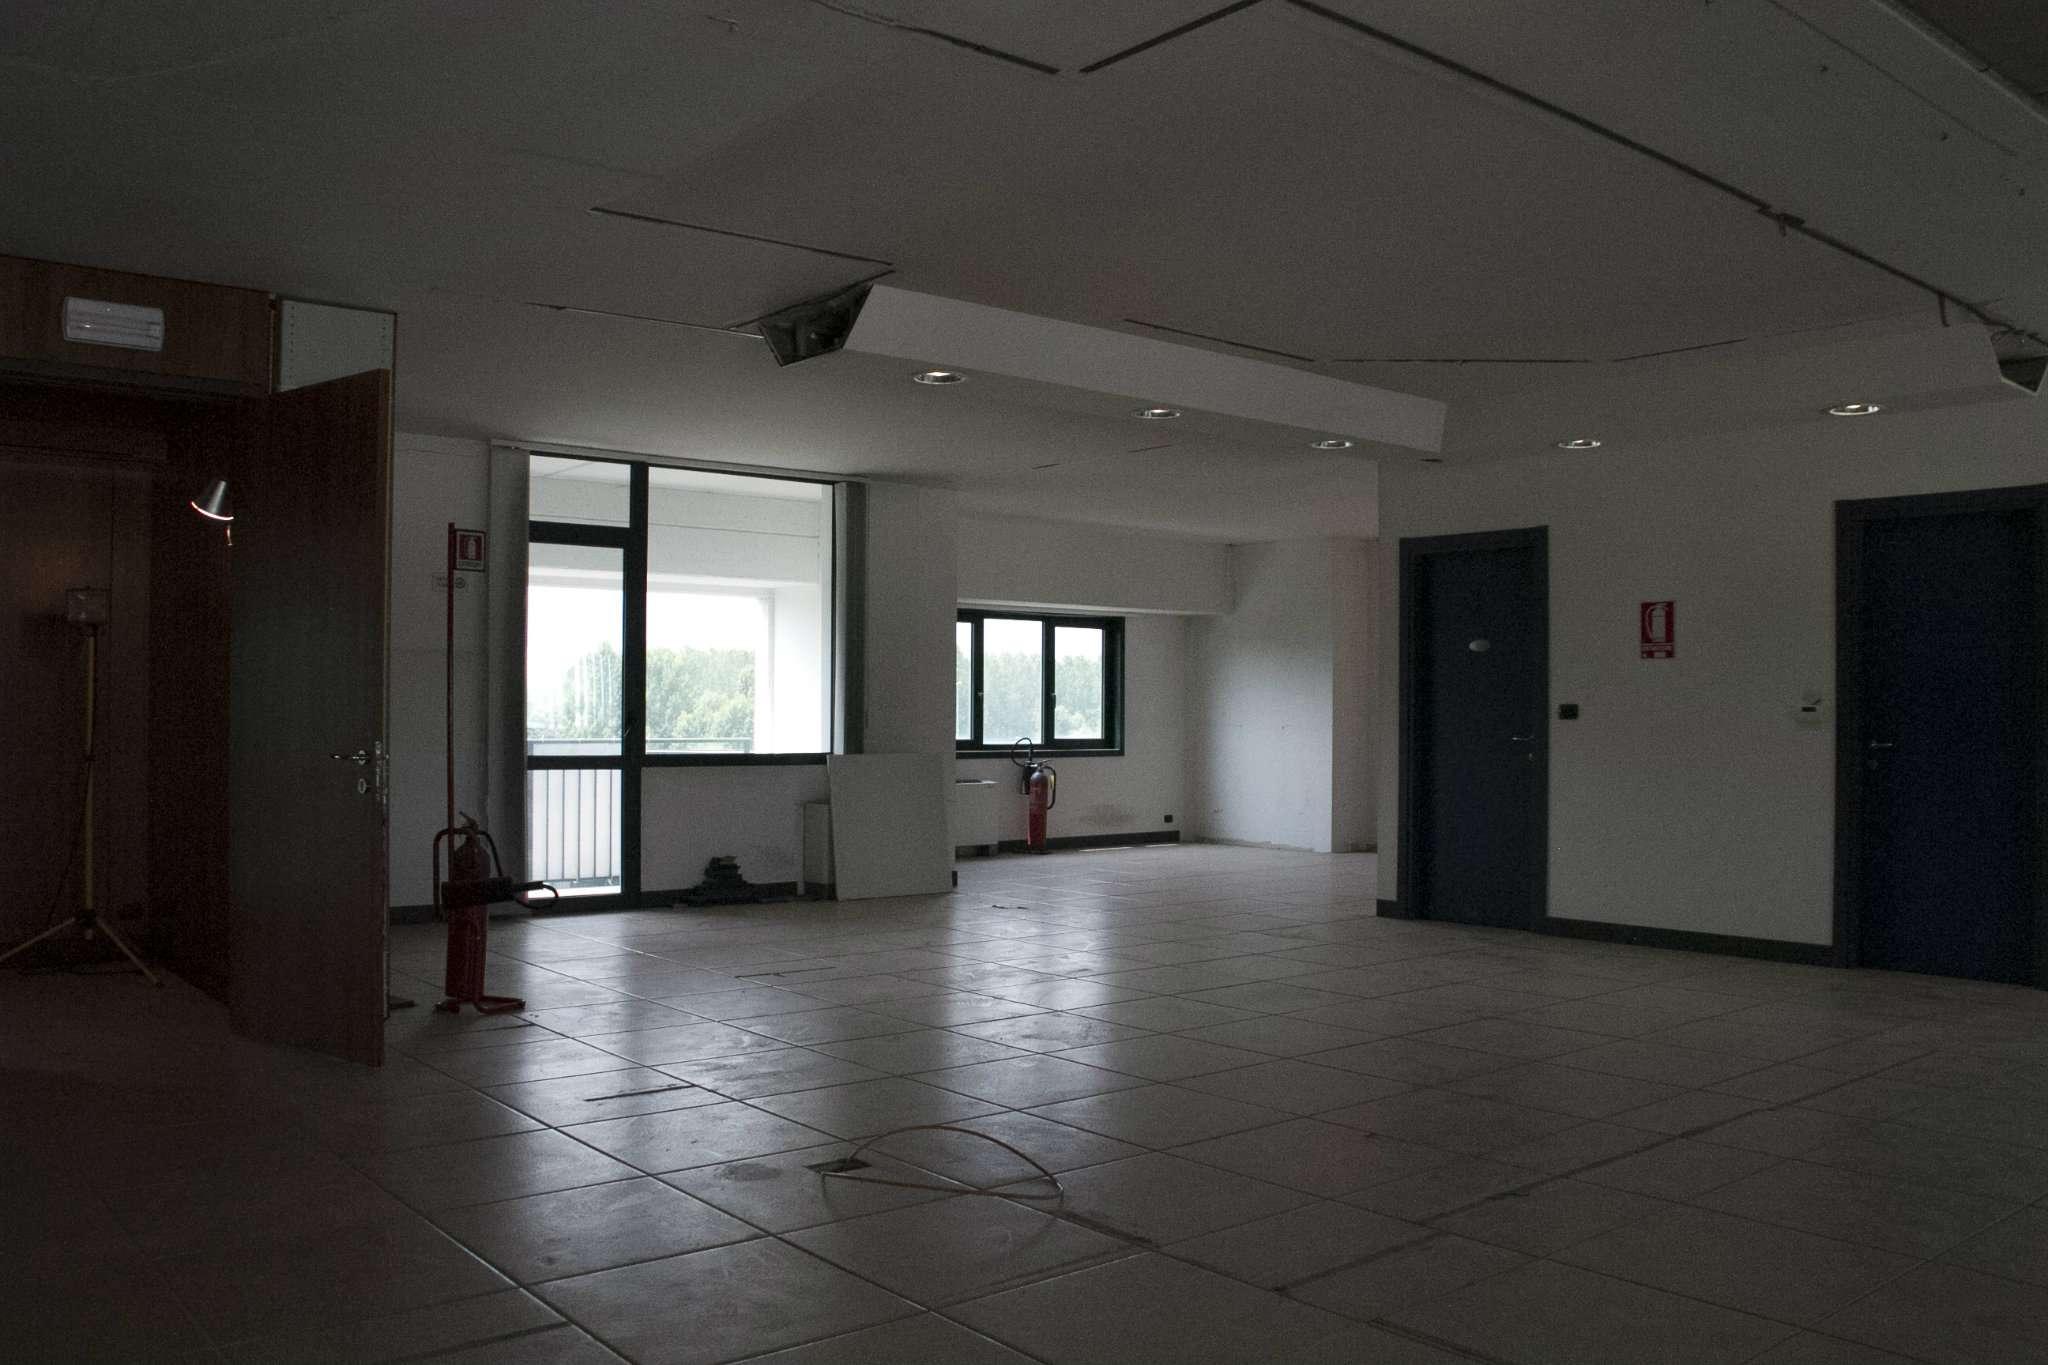 Immagine immobiliare Disponiamo ad Avigliana Uffici di 300 mq Disponiamo ad Avigliana Uffici di 300 mq situati al 3° piano di un complesso di uffici provvisto di ascensore, con impianto di illuminazione base, impianto di riscaldamento a pompa di calore,...